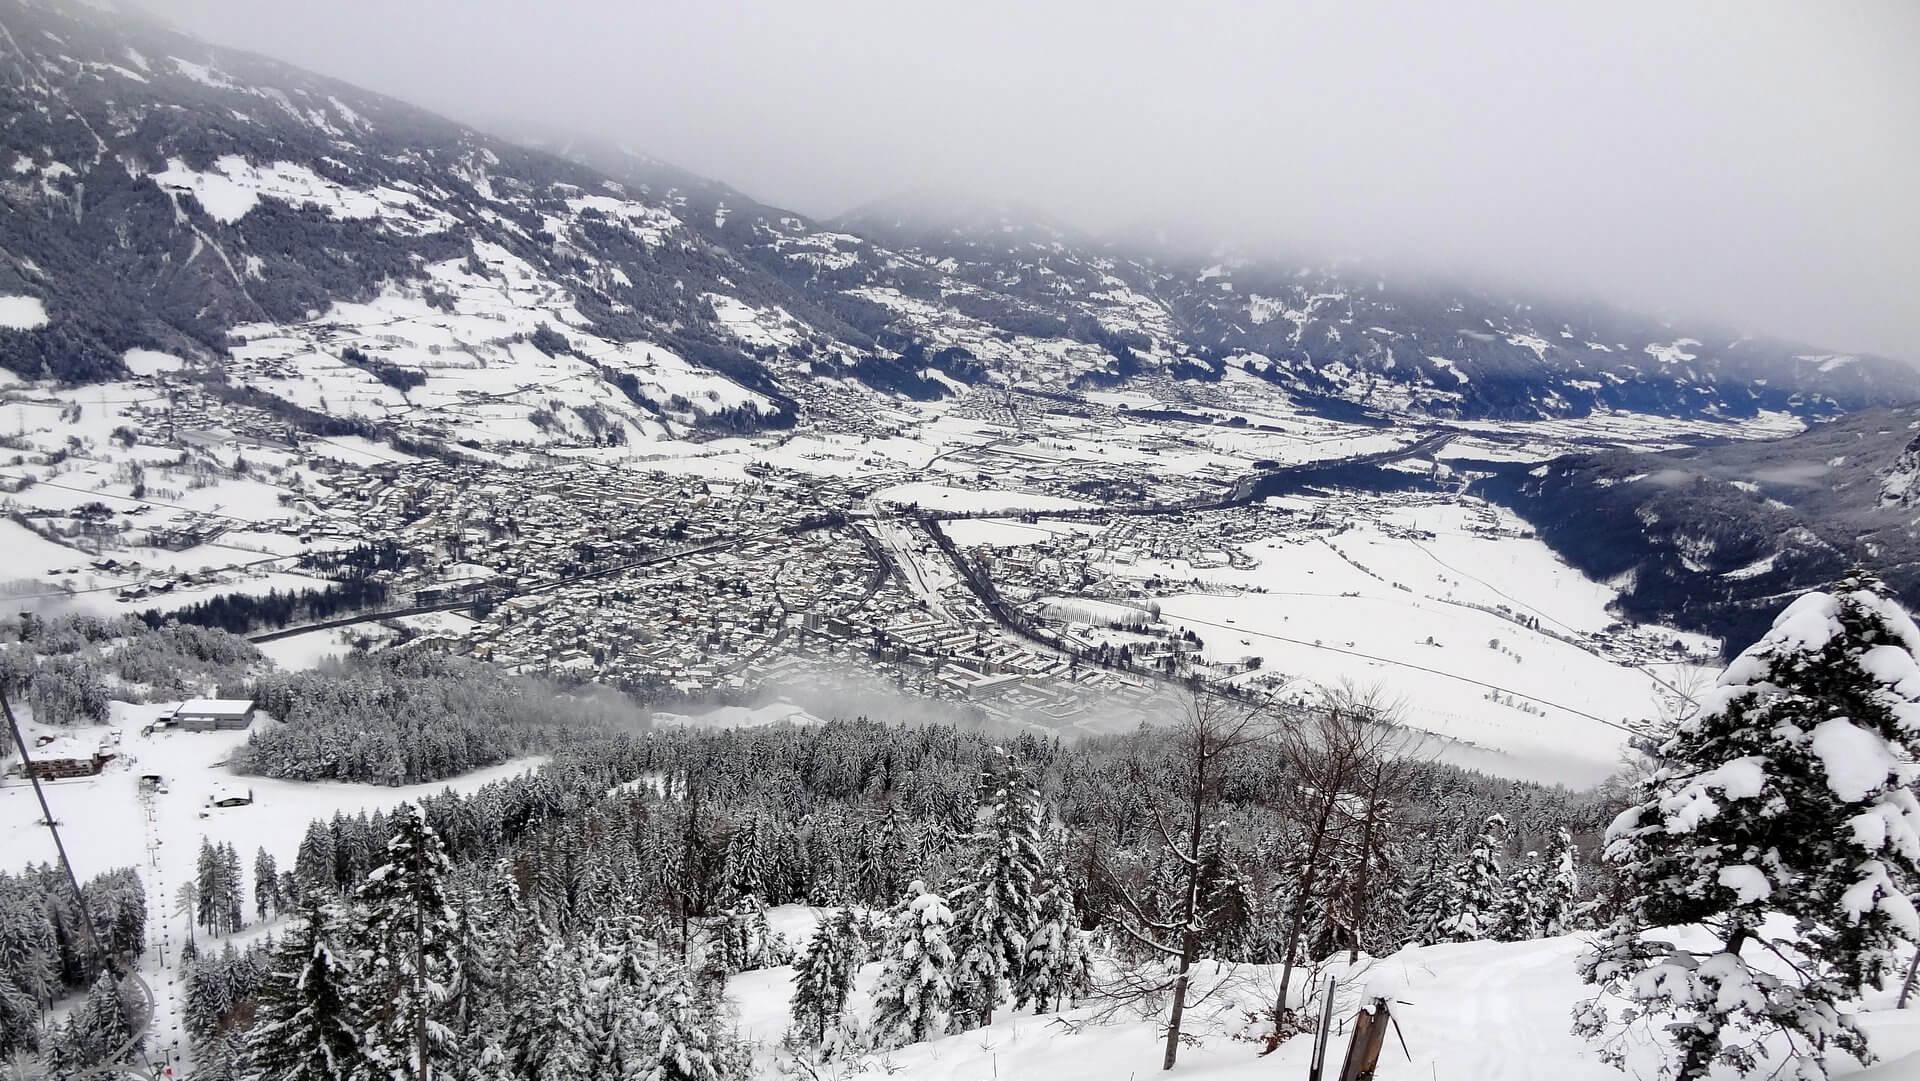 Eintauchen in die faszinierende Bergwelt - Die Lienzer Dolomiten in Osttirol   © r.gasser